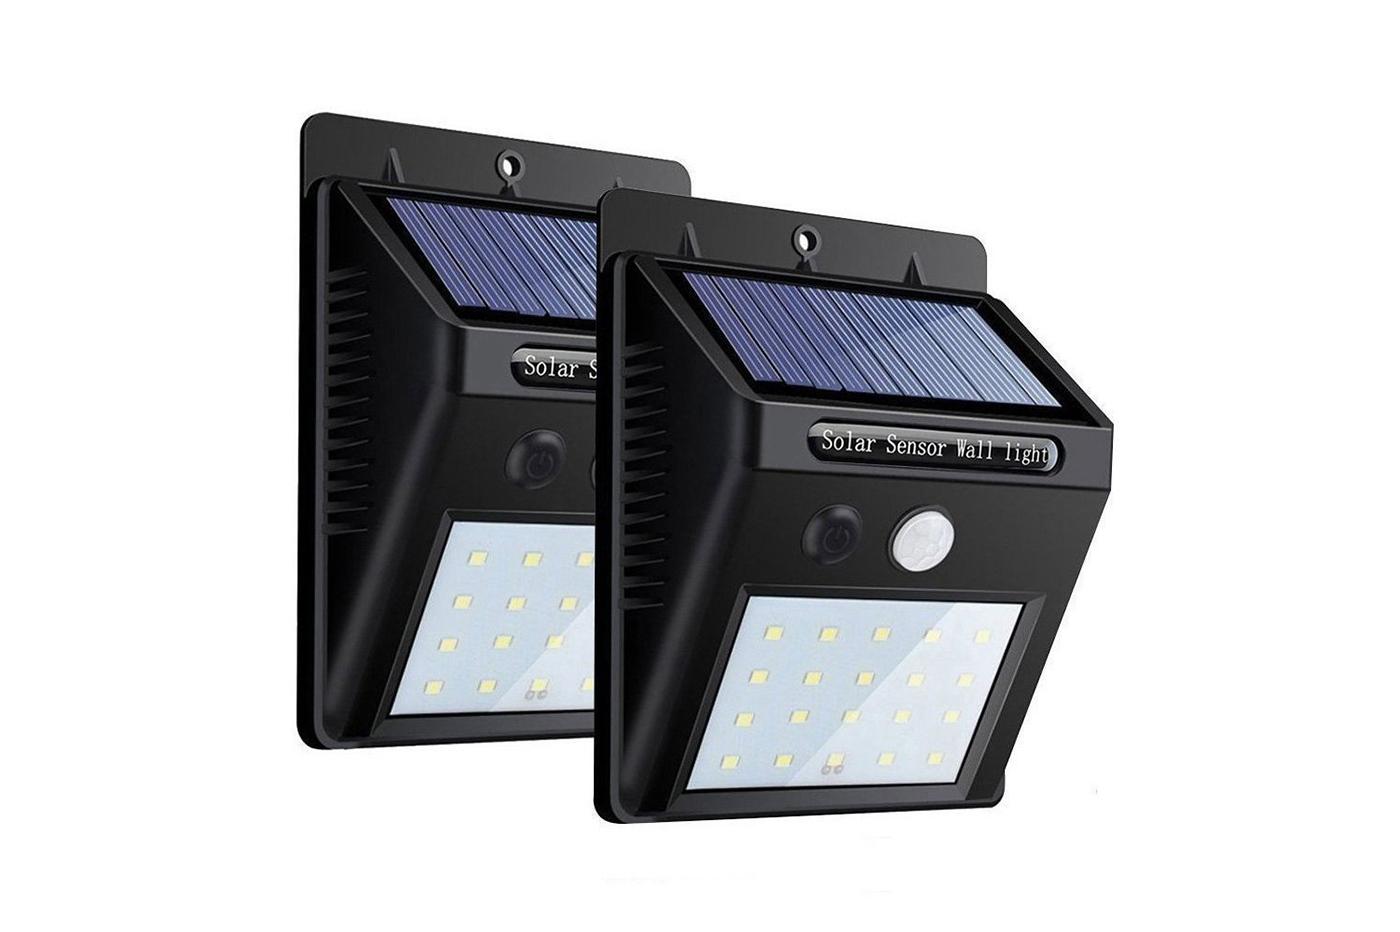 Plafoniera Esterno Sensore Movimento : Bes 24286 illuminazione ad energia solare beselettronica 2 pz